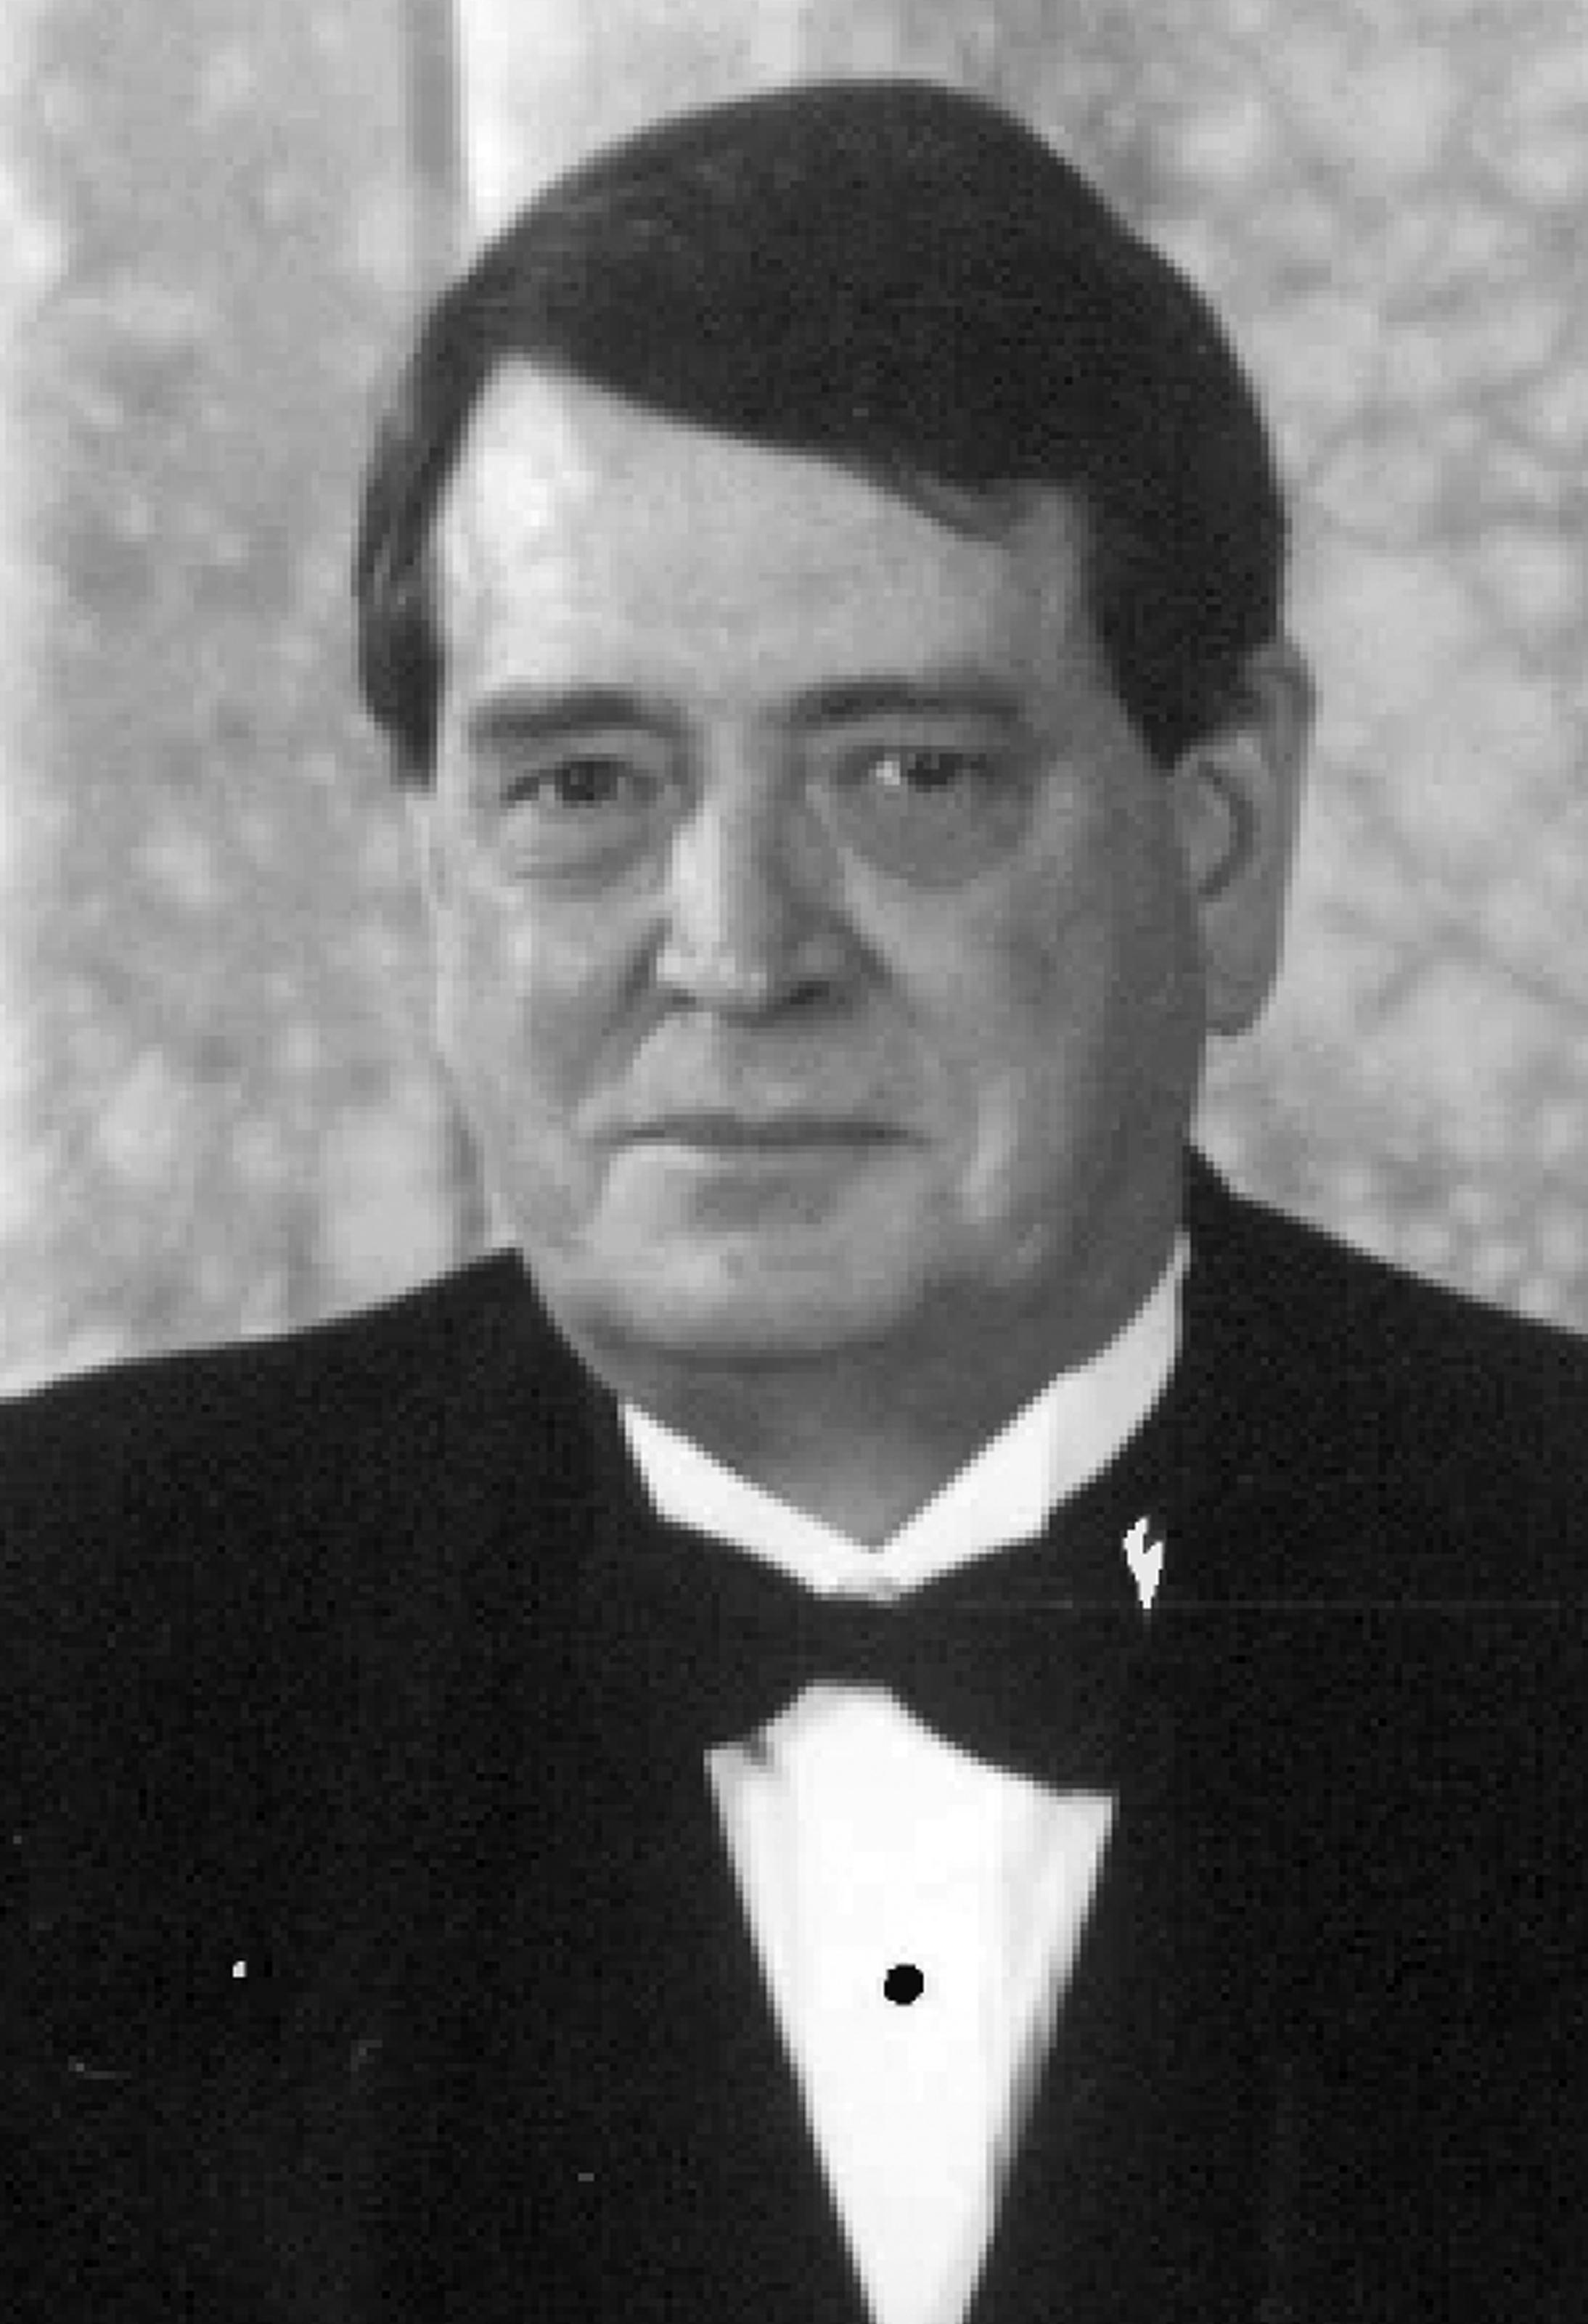 William P. Blocker, III